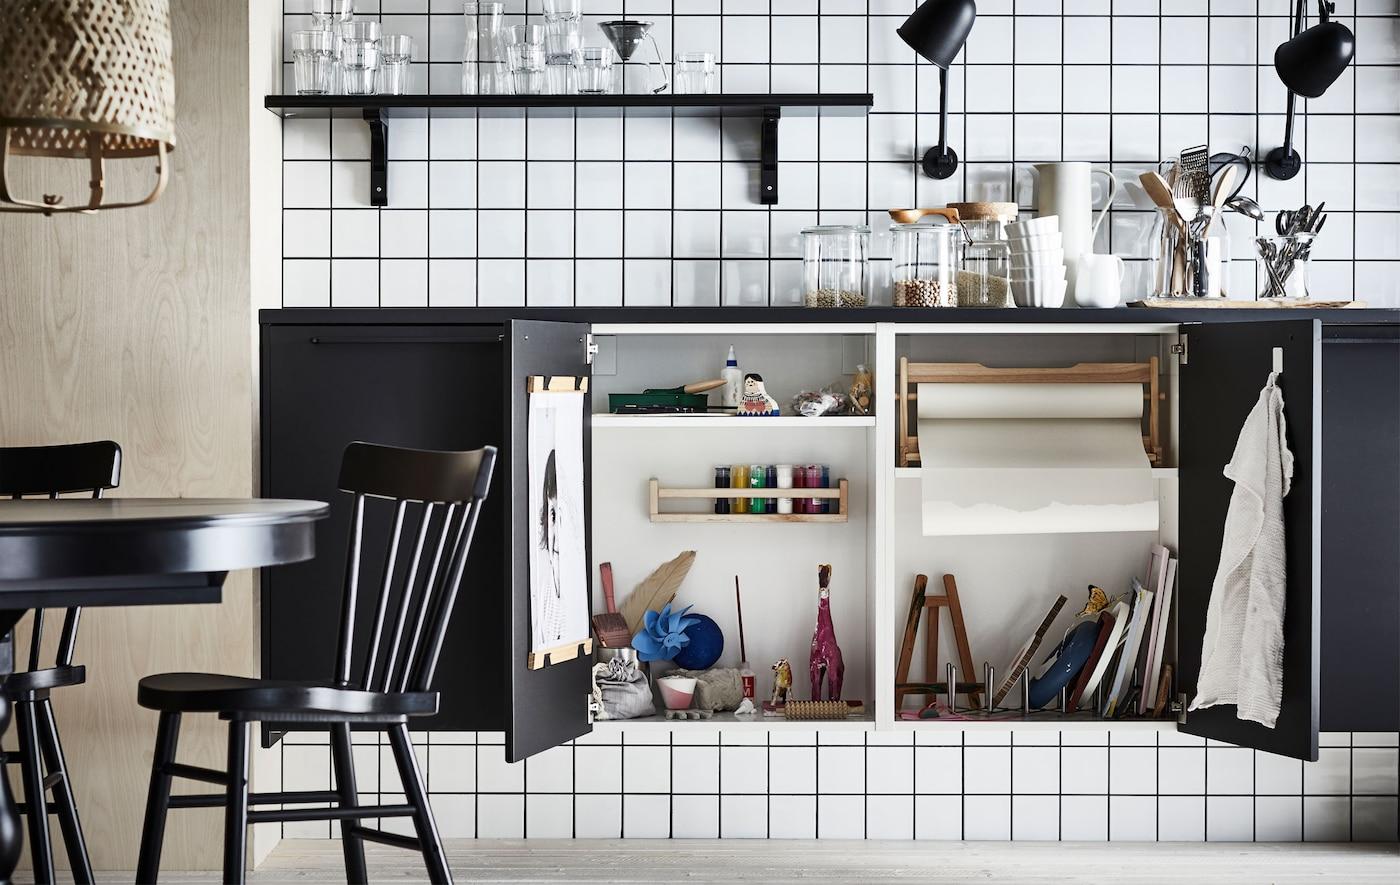 Kuhinjska radna ploča s otvorenim vratima elementa ispod nje iza kojih je vidljiv minijaturni umjetnički studio.